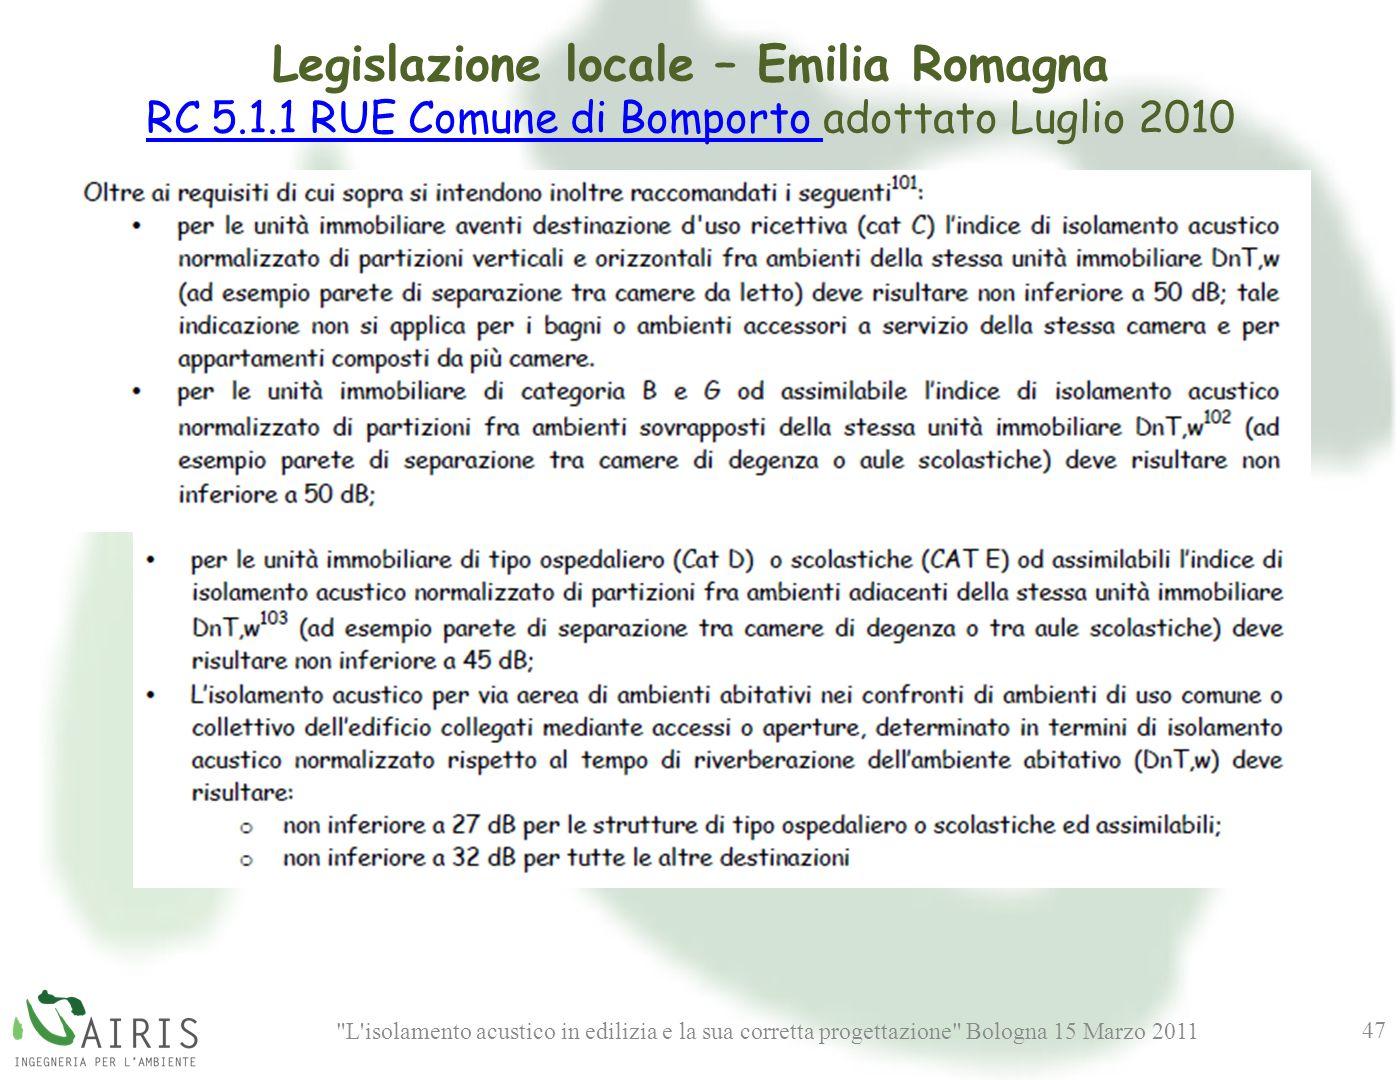 L isolamento acustico in edilizia e la sua corretta progettazione Bologna 15 Marzo 2011 47 Legislazione locale – Emilia Romagna RC 5.1.1 RUE Comune di Bomporto RC 5.1.1 RUE Comune di Bomporto adottato Luglio 2010